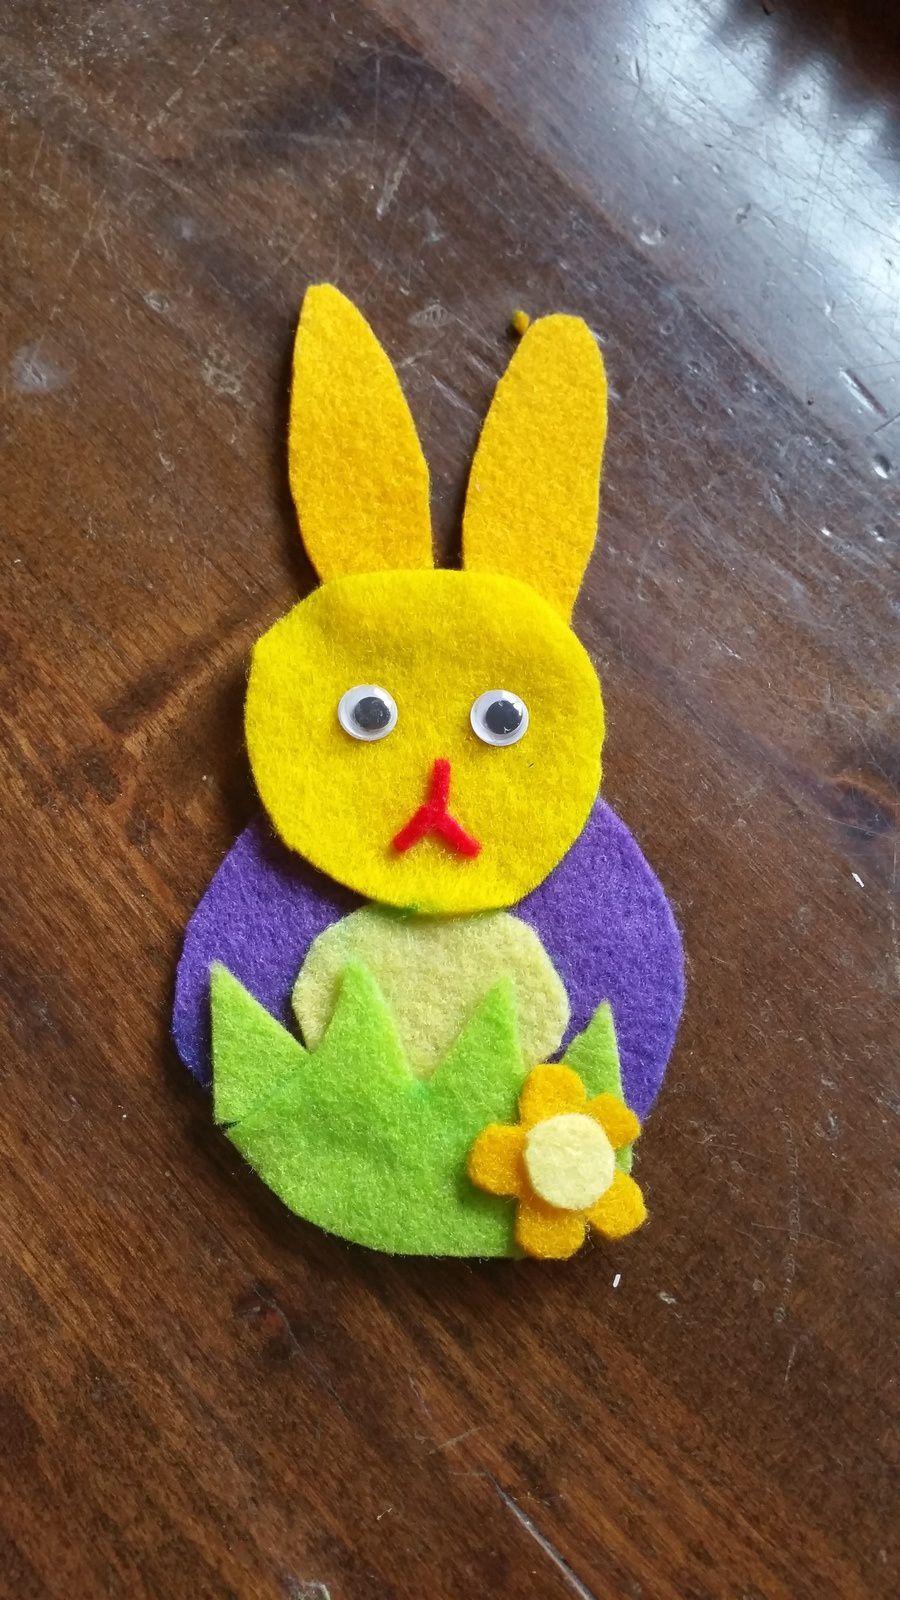 j'ai découpé les différentes formes composant le lapin puis collé à la colle textile et cousu ce qui ne tenait pas bien